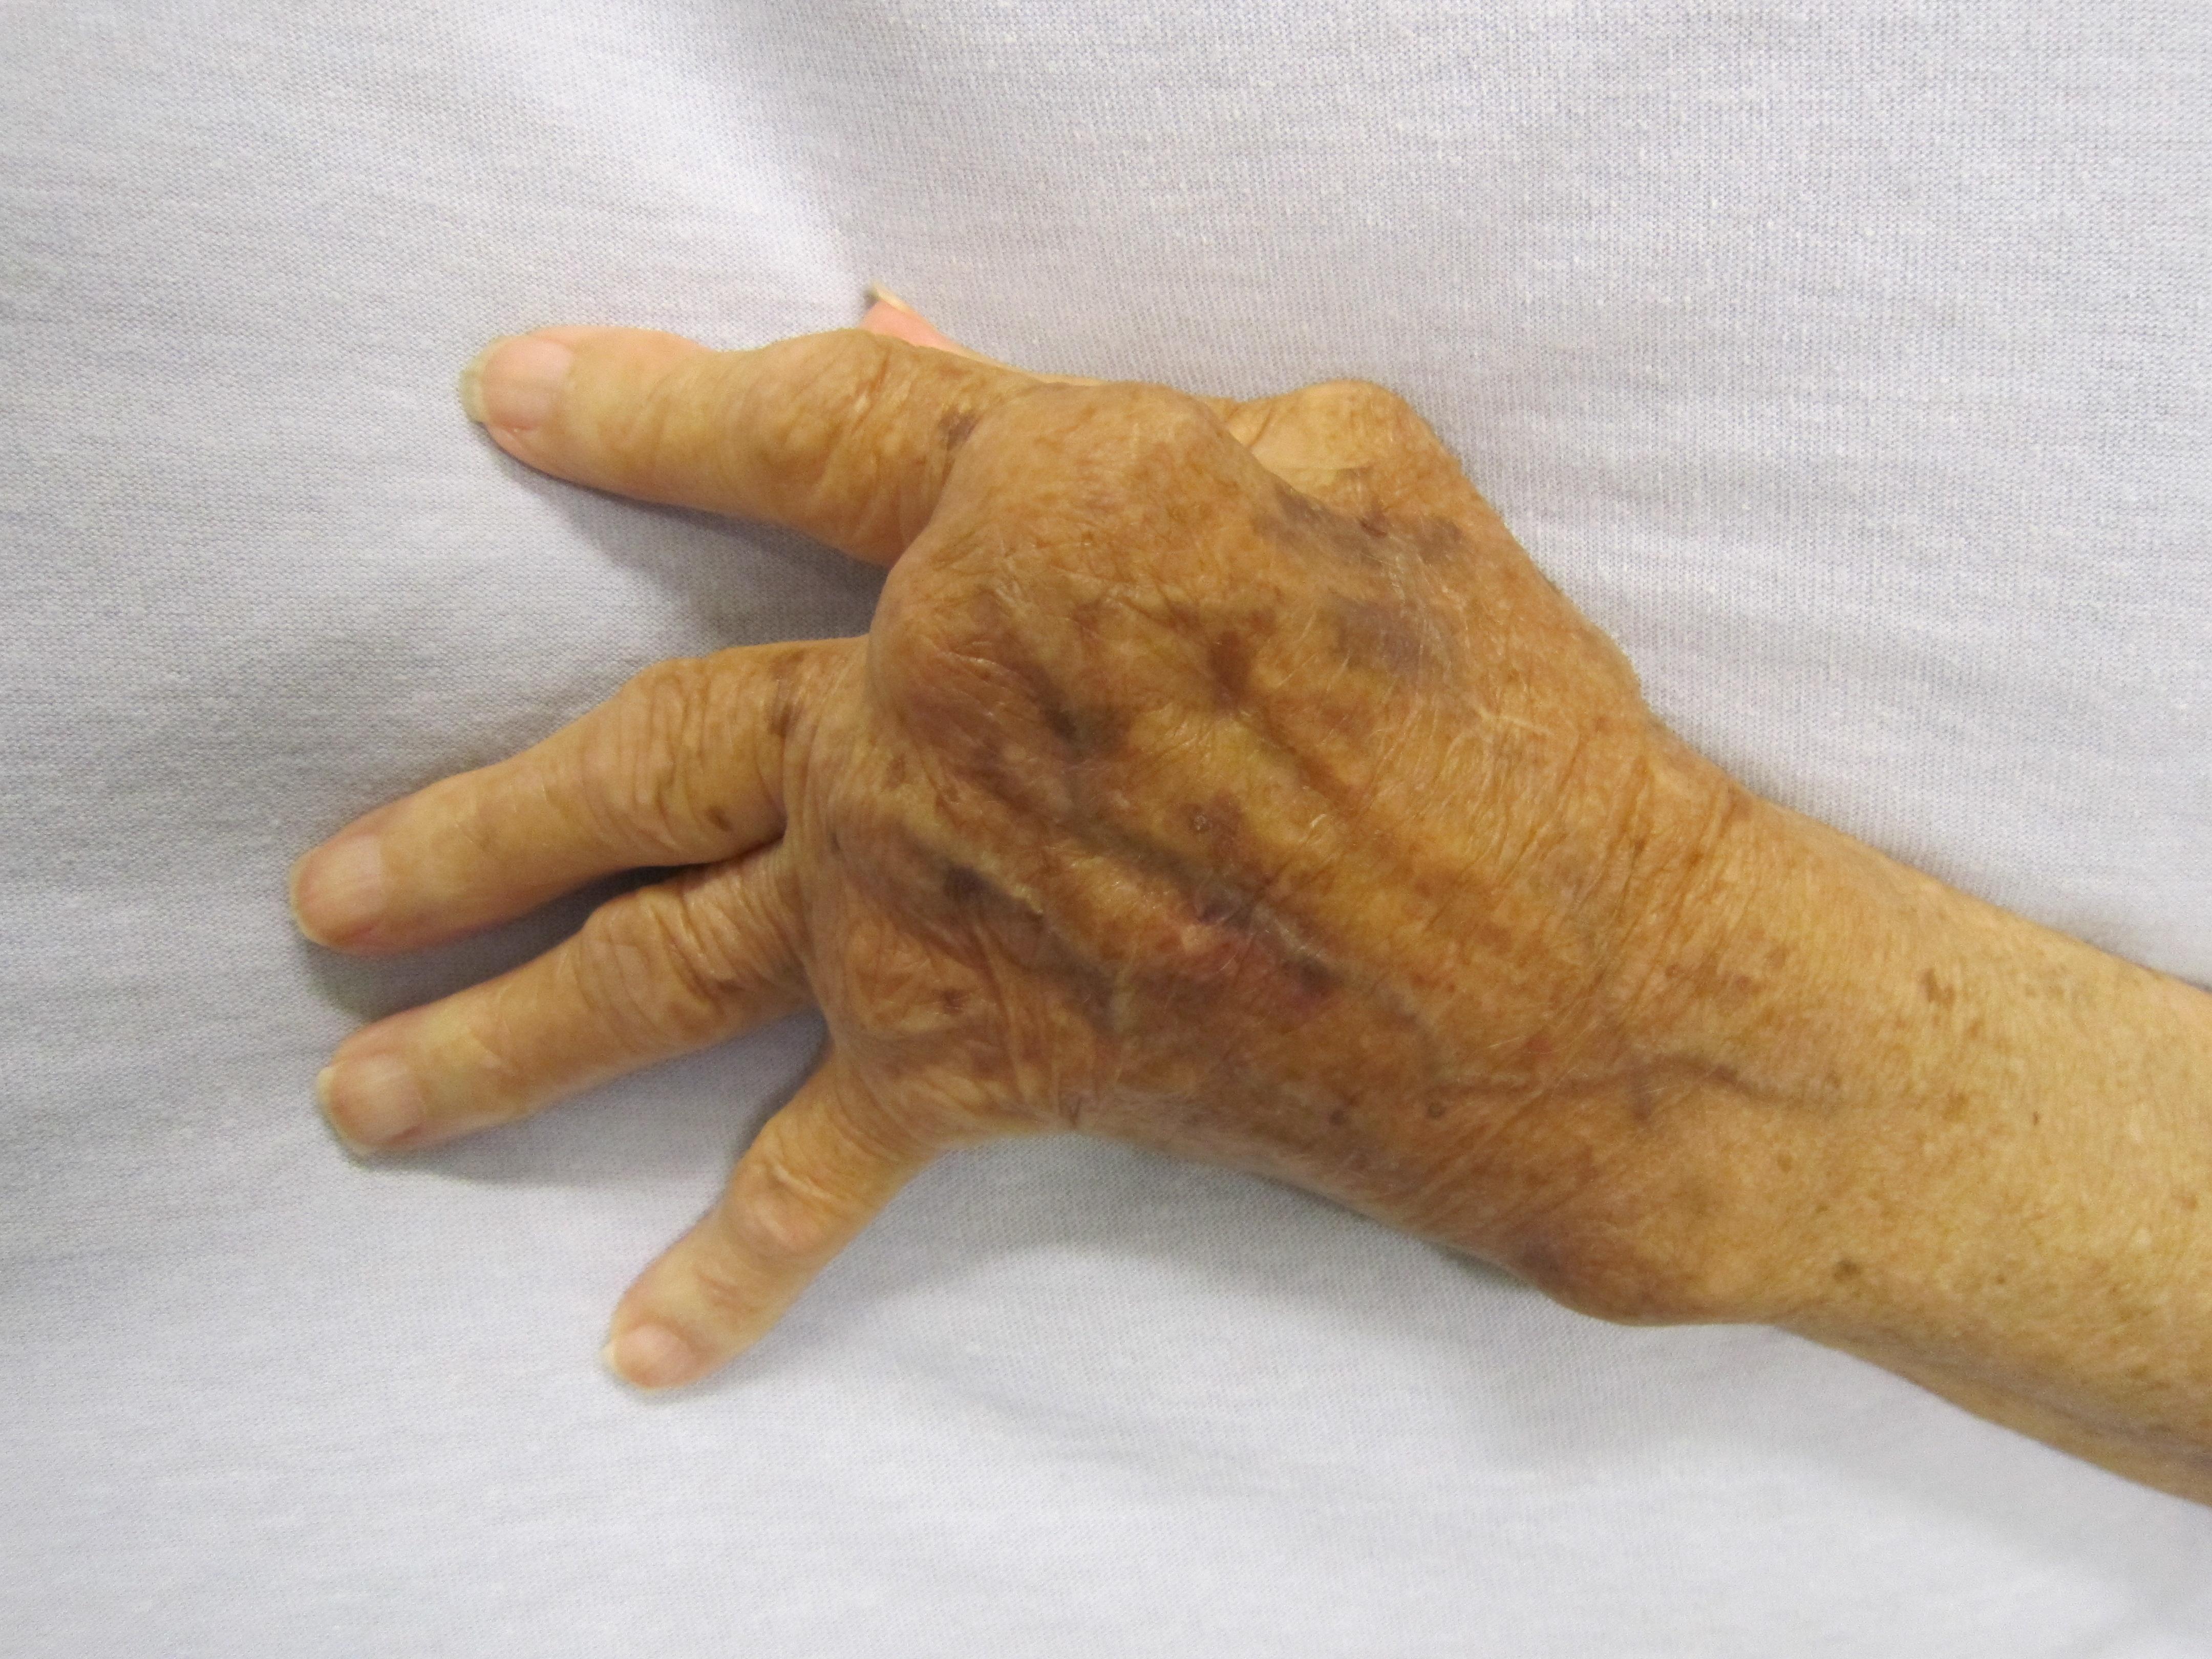 kezek artritisz tabletták az alsó végtagok ízületi tünetei és kezelése